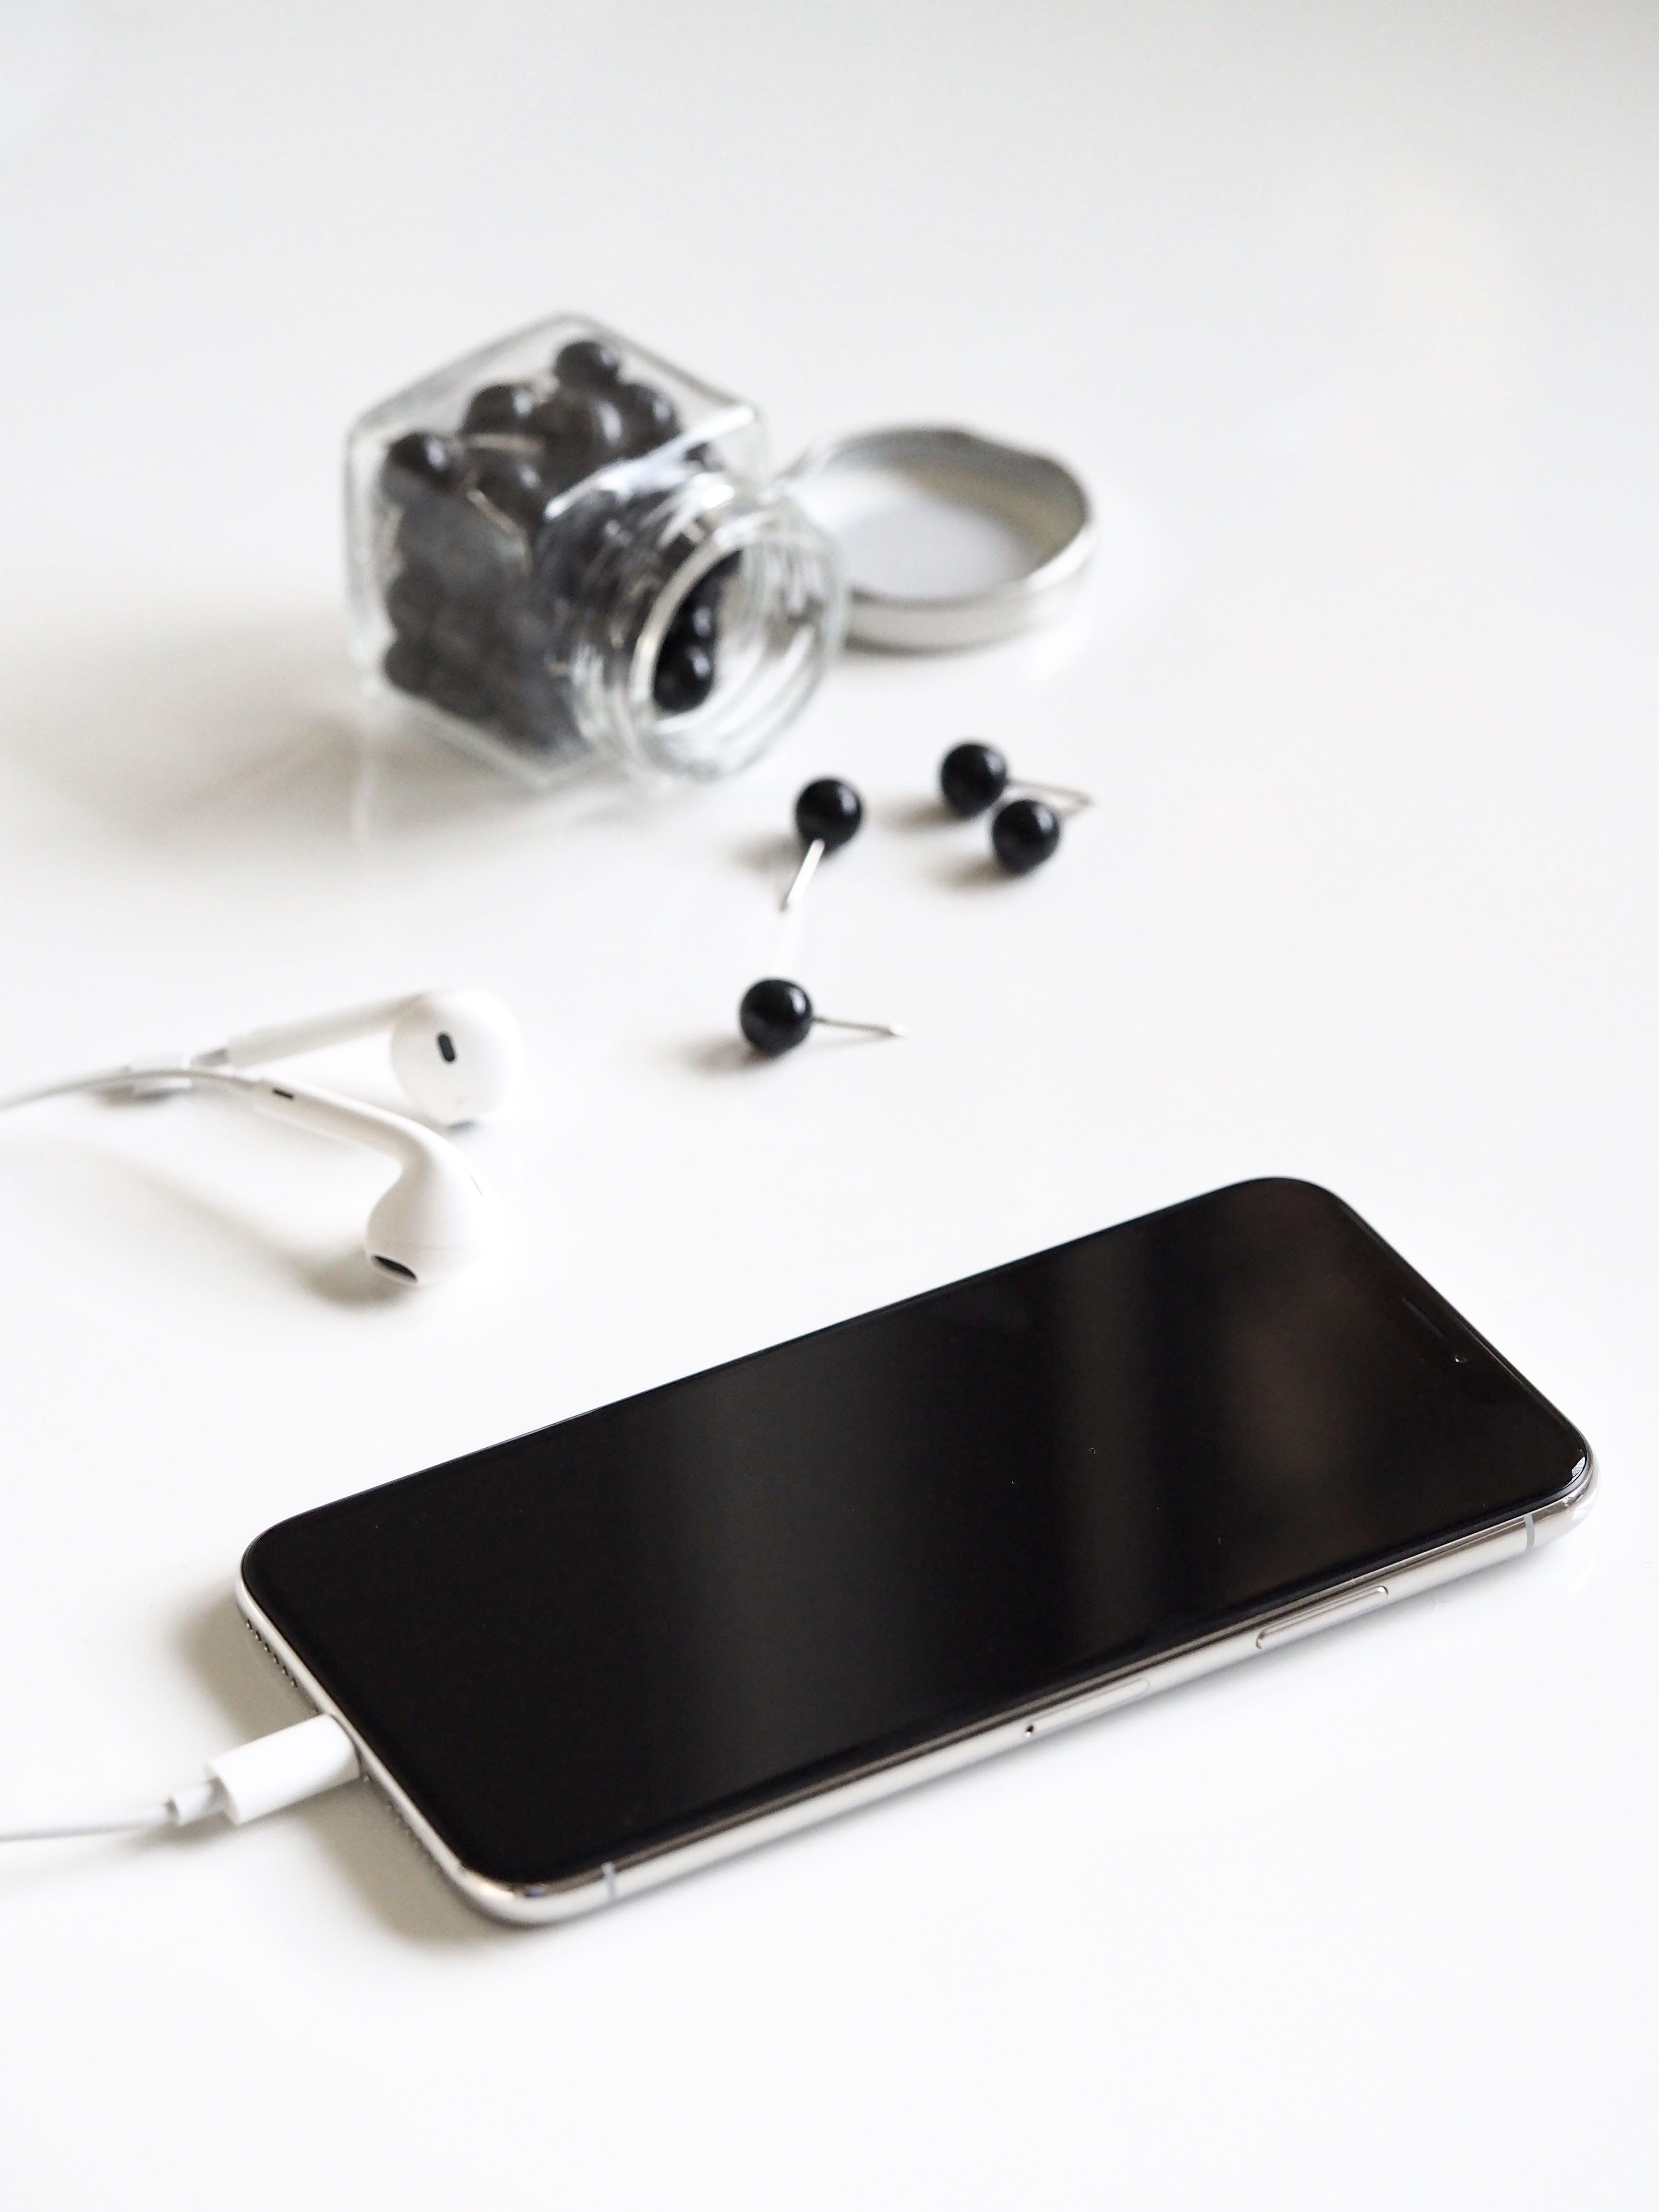 apple, earphones, iphone